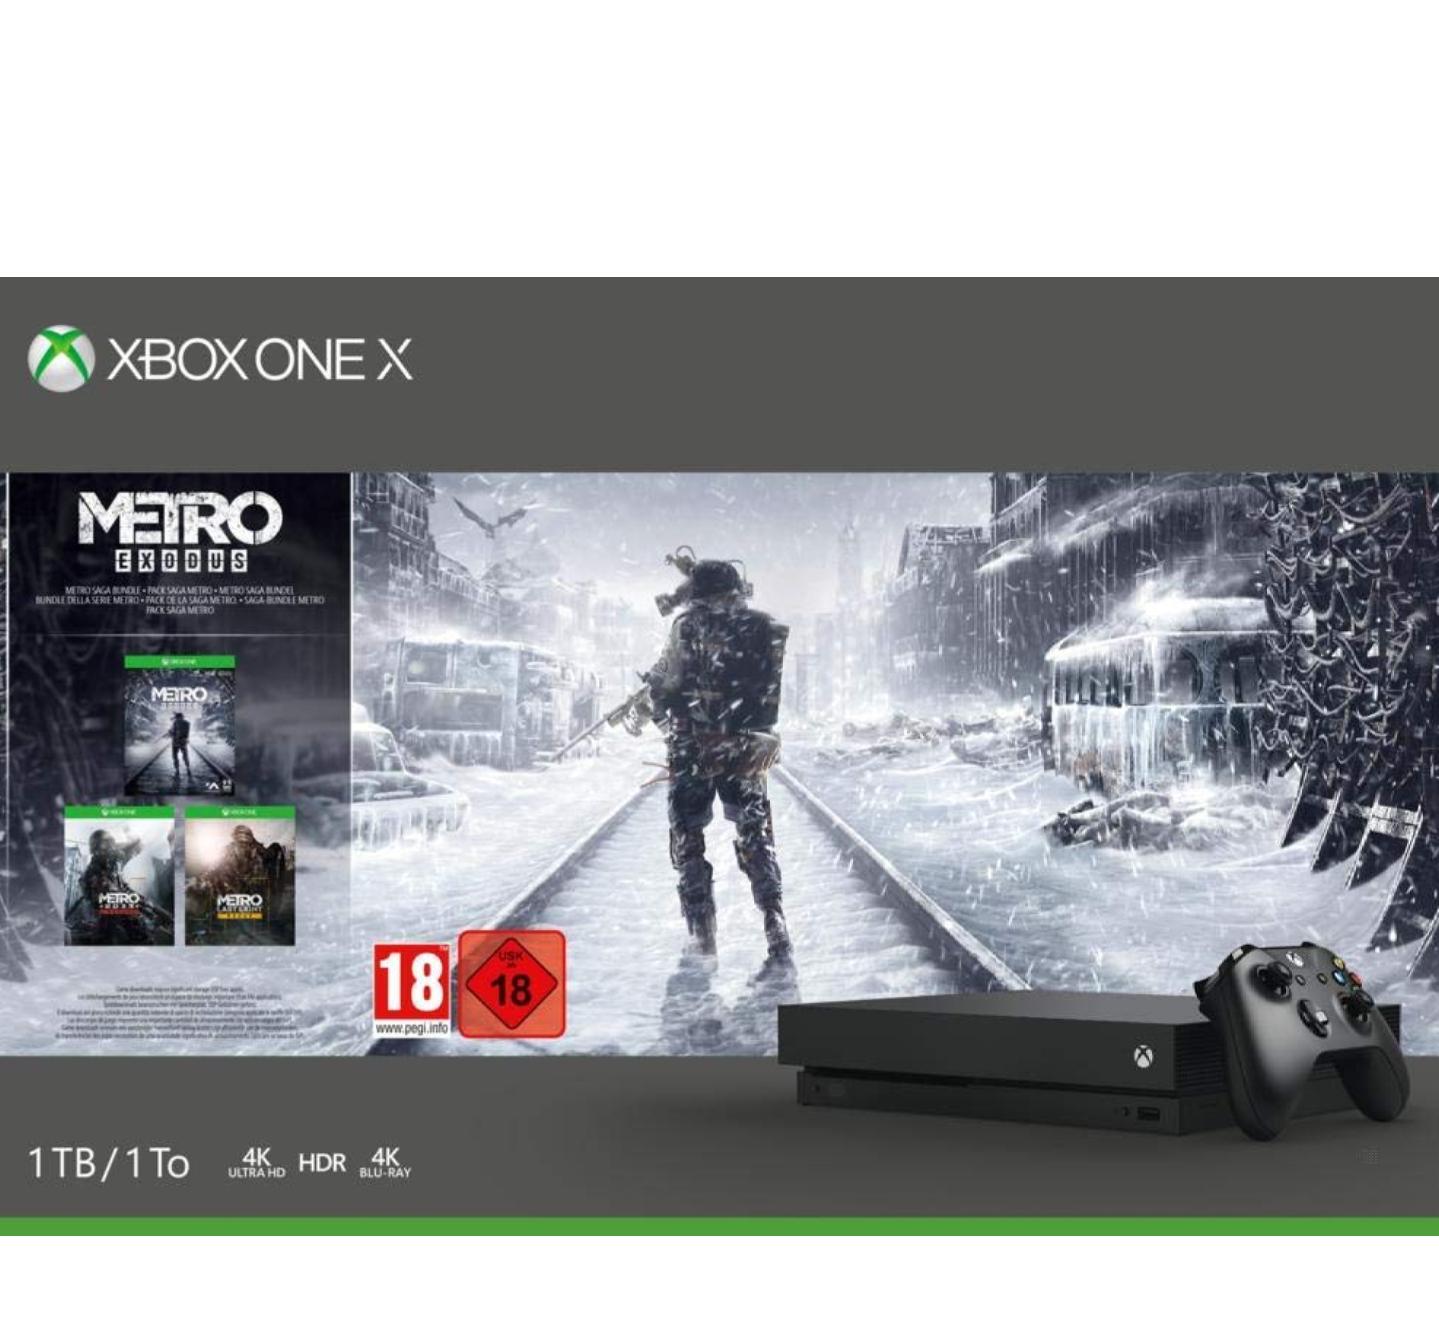 Super cena za Xbox one X z grą Metro Exodus! Amazon.de